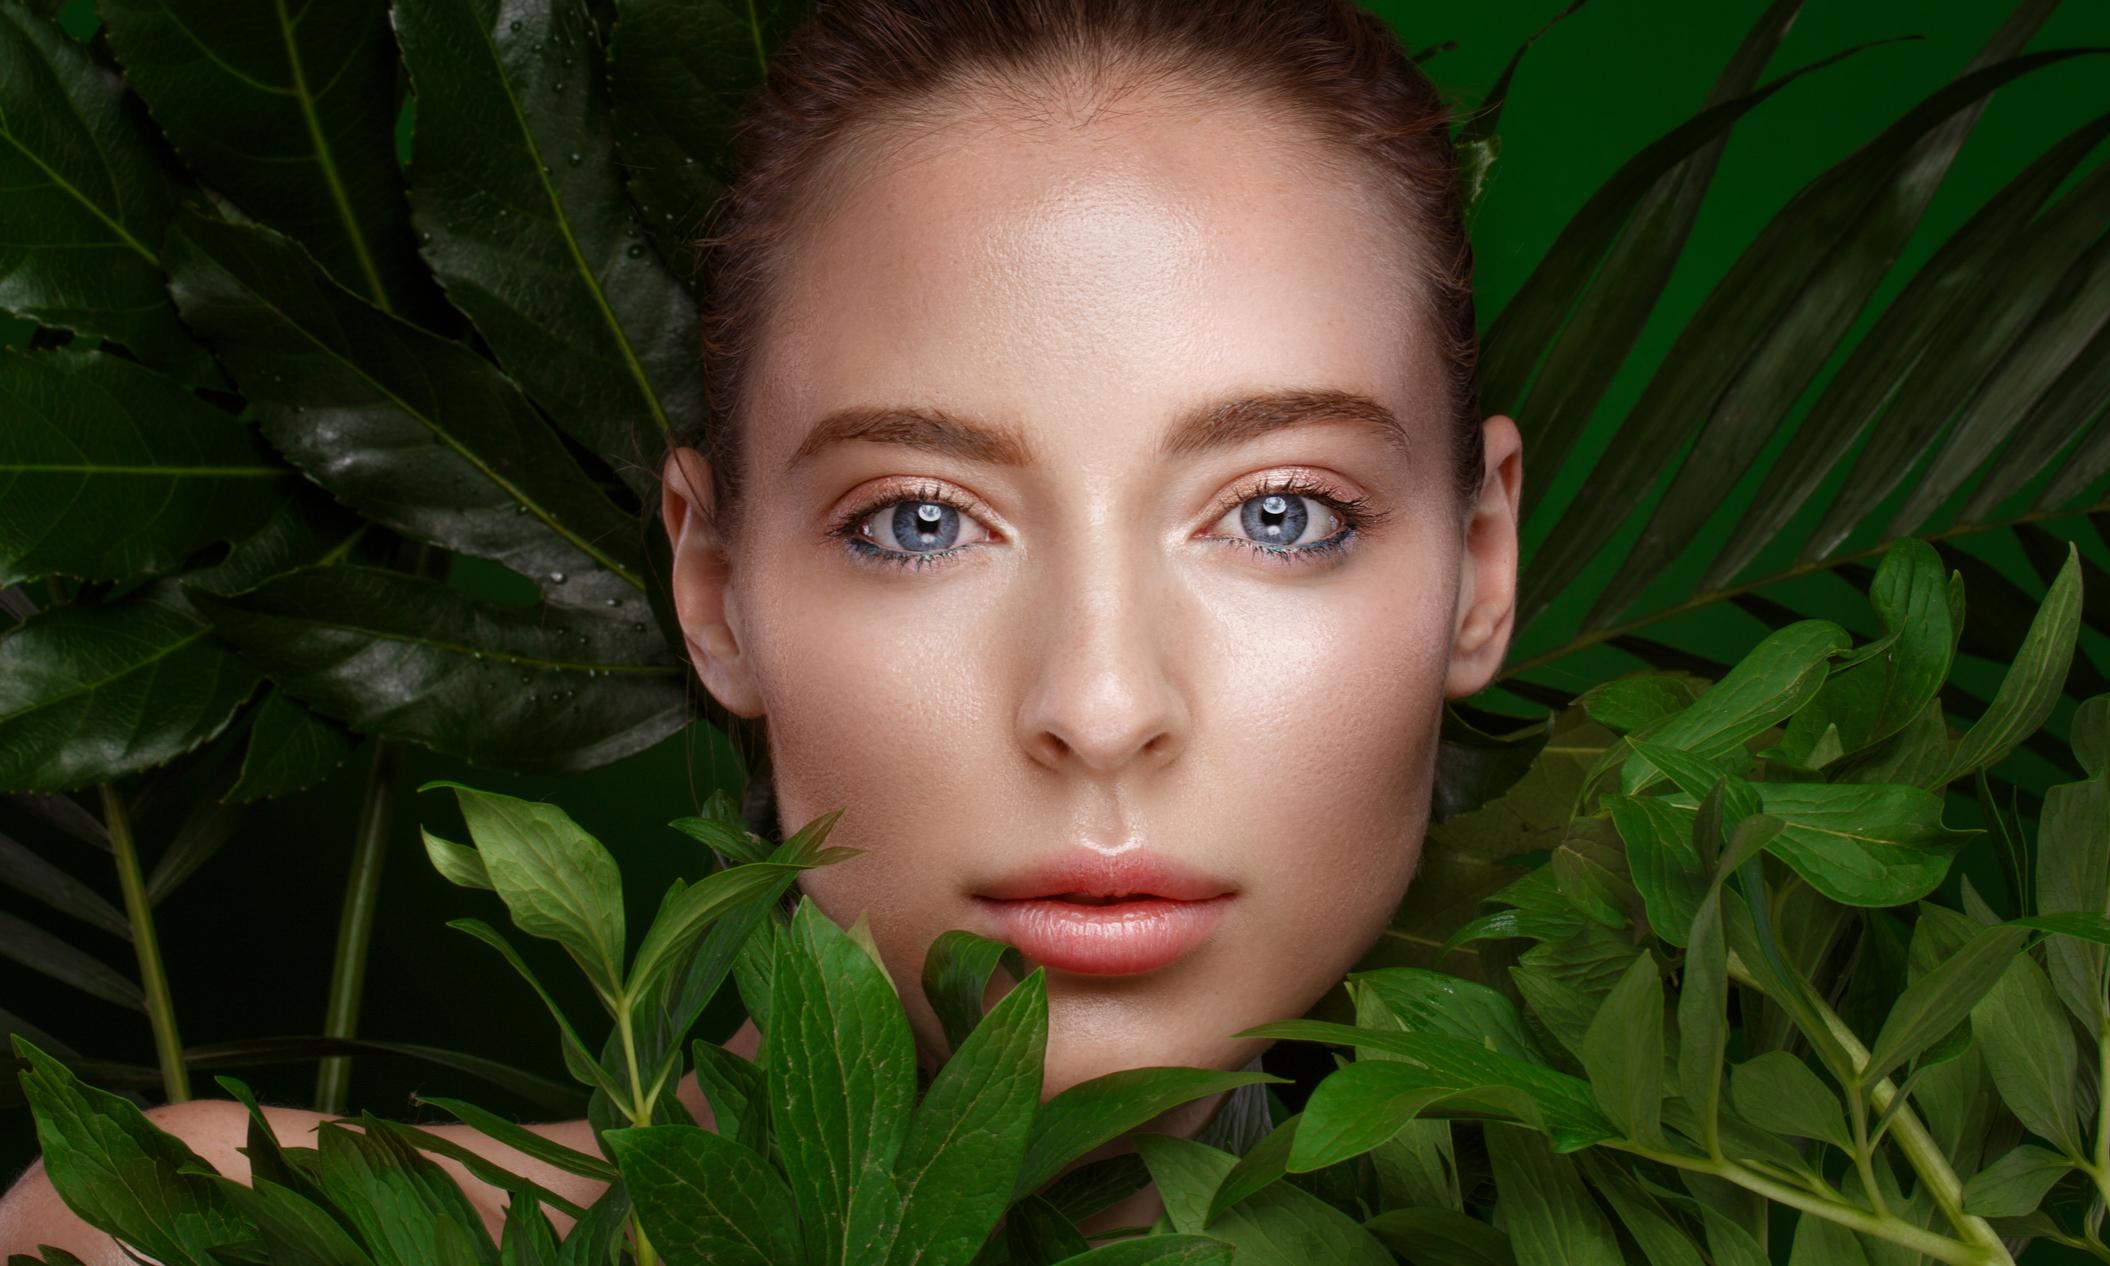 4 правила красоты Евы — первой женщины на Земле